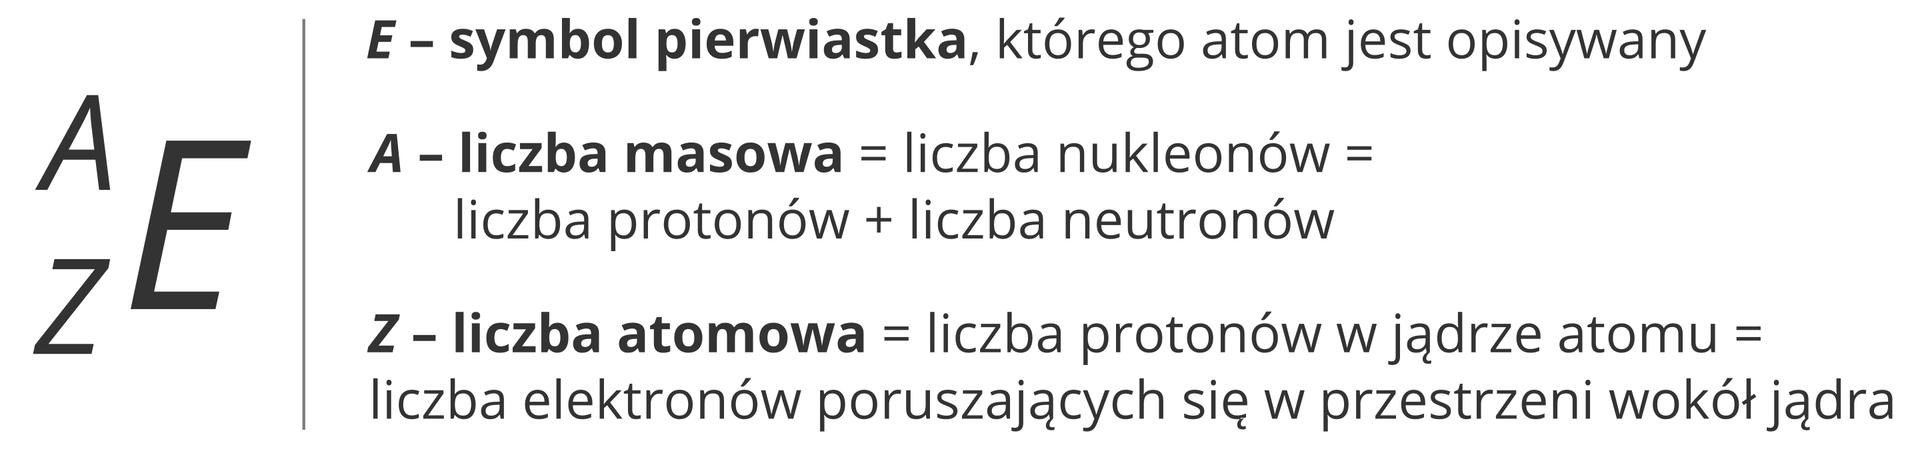 Ilustracja przedstawia schemat opisywania atomu za pomocą symboli. Zlewej strony widnieje wzór ogólny składający się zlitery Eoraz poprzedzających ją liter AiZ, przy czym Aznajduje się wtak zwanym indeksie górnym, czyli jest mniejsza iprzylega do górnej części litery E(jak znak potęgi, tyle że przed literą E, anie za nią), aZznajduje się windeksie dolnym, czyli jest mniejsza iprzylega do dolnej części litery E. Po prawej stronie tego wzoru ogólnego znajdują się wyjaśnienia liter. Itak Eto symbol pierwiastka, którego atom jest opisywany. Ato liczba masowa, czyli liczba nukleonów uzyskana przez zsumowanie liczby protonów ineutronów wjądrze. Zto liczba atomowa wynosząca tyle, ile wynosi liczba protonów wjądrze atomu oraz ile wynosi liczba elektronów poruszających się wprzestrzeni wokół jądra.